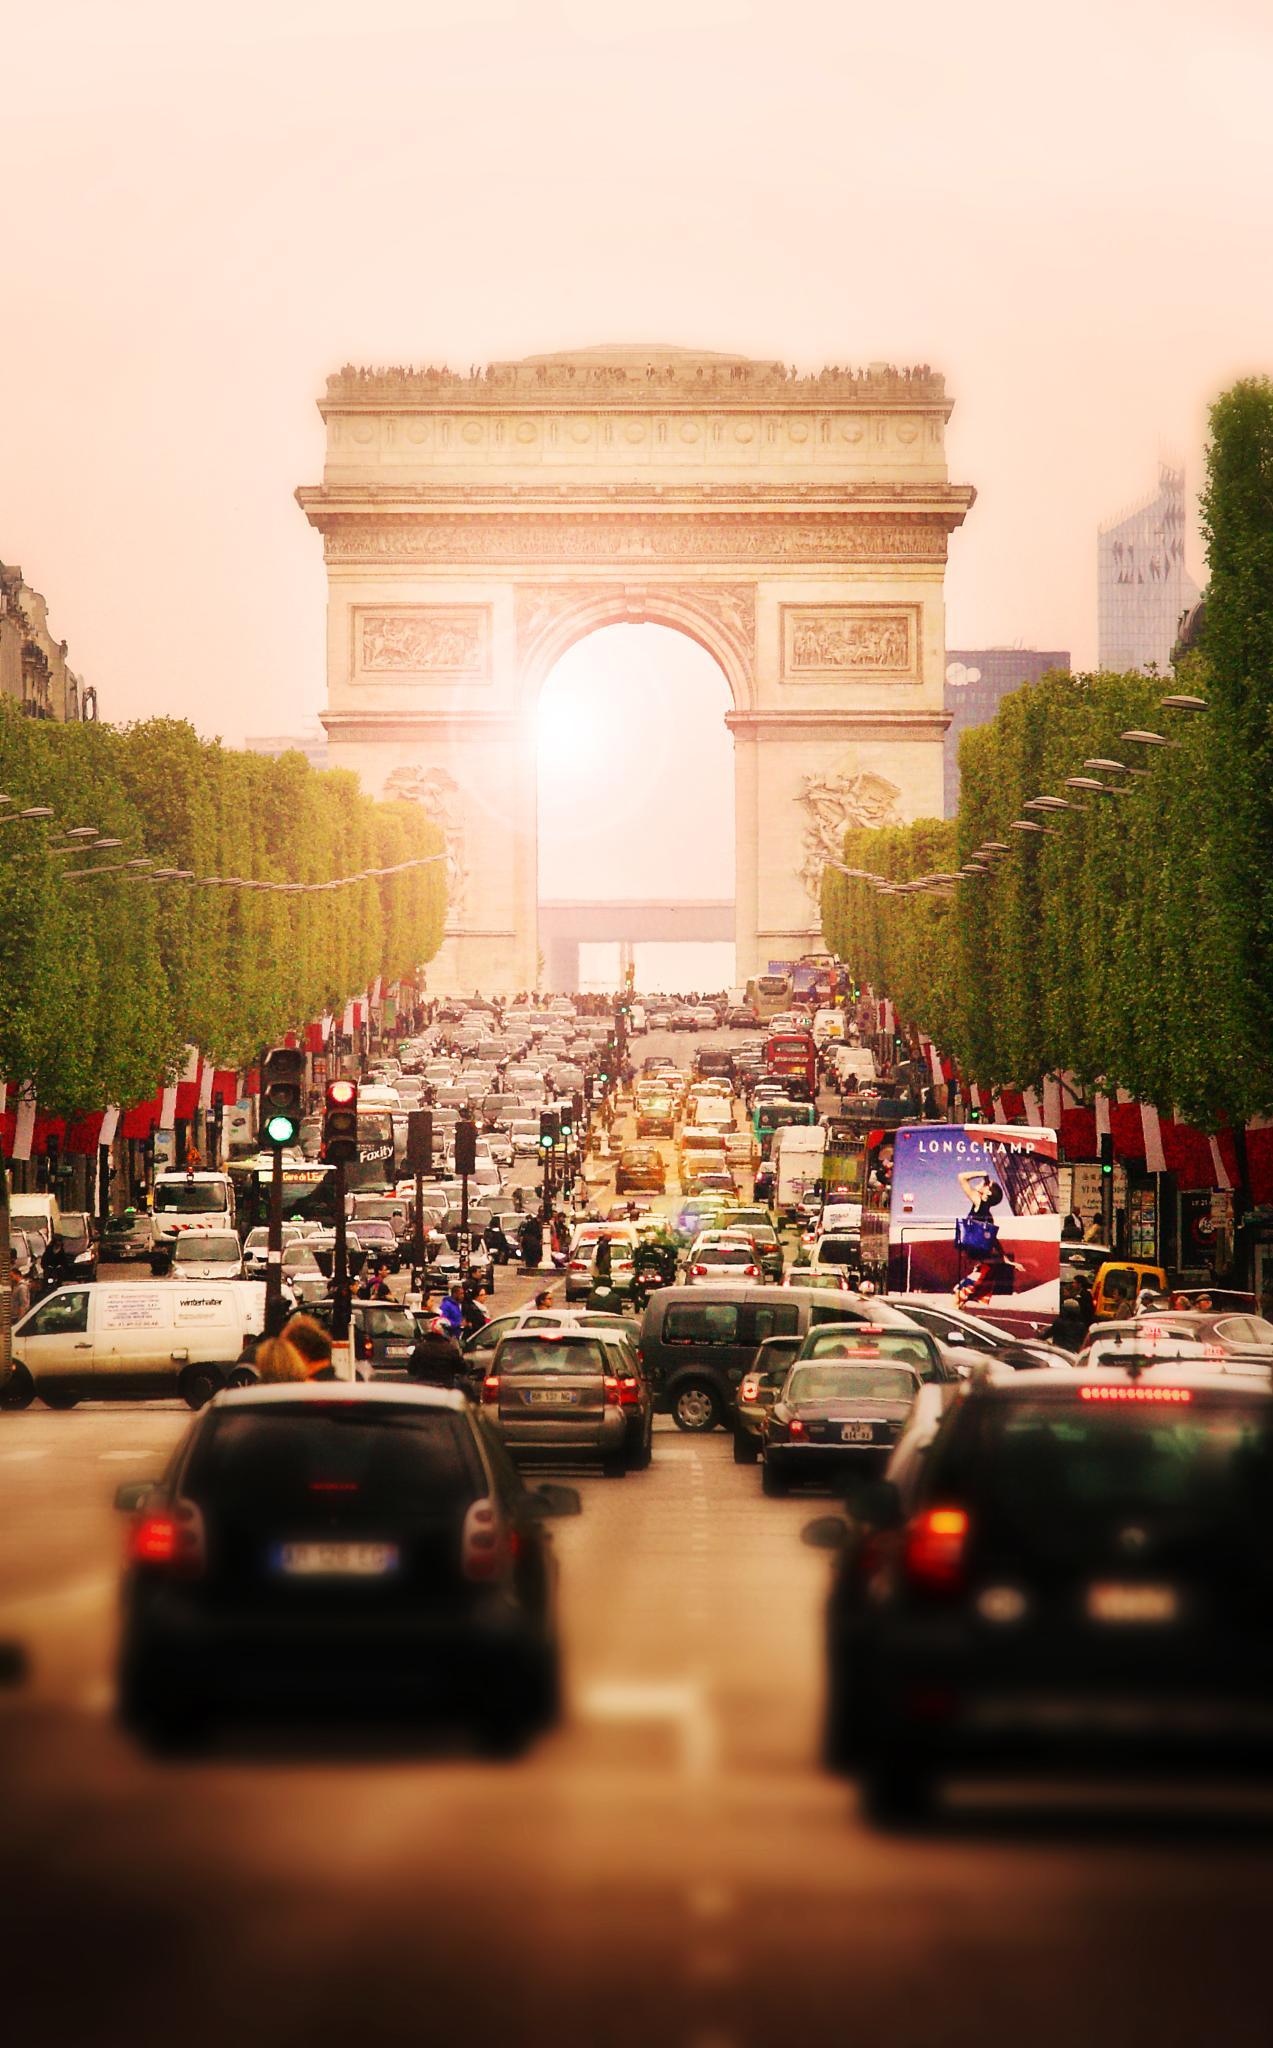 Arc De Triomphe by Sebastian Helmke